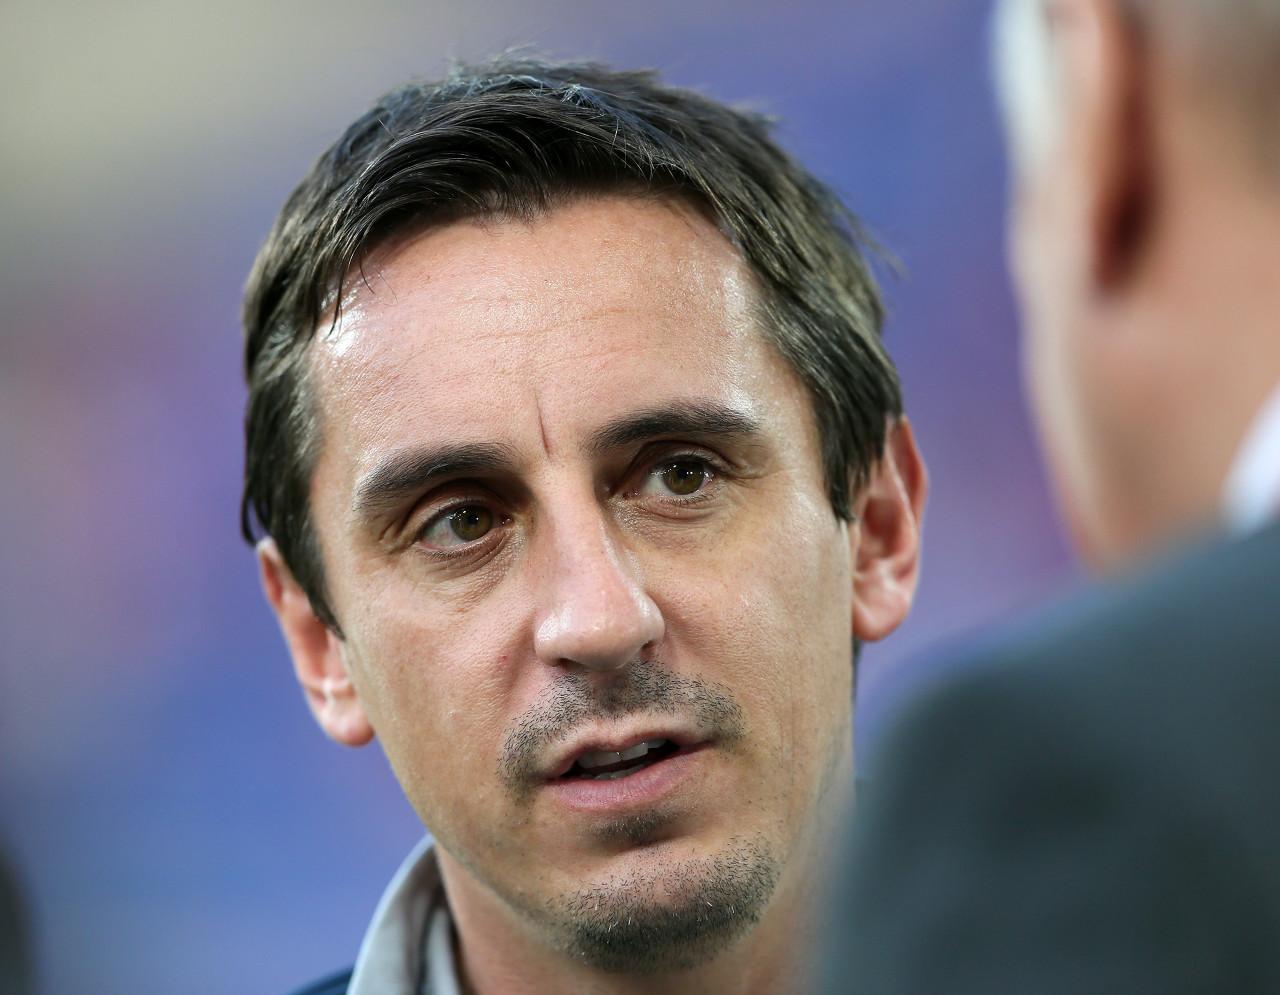 内维尔:利物浦双红会表现非最佳,若未赢热刺他们将受质疑